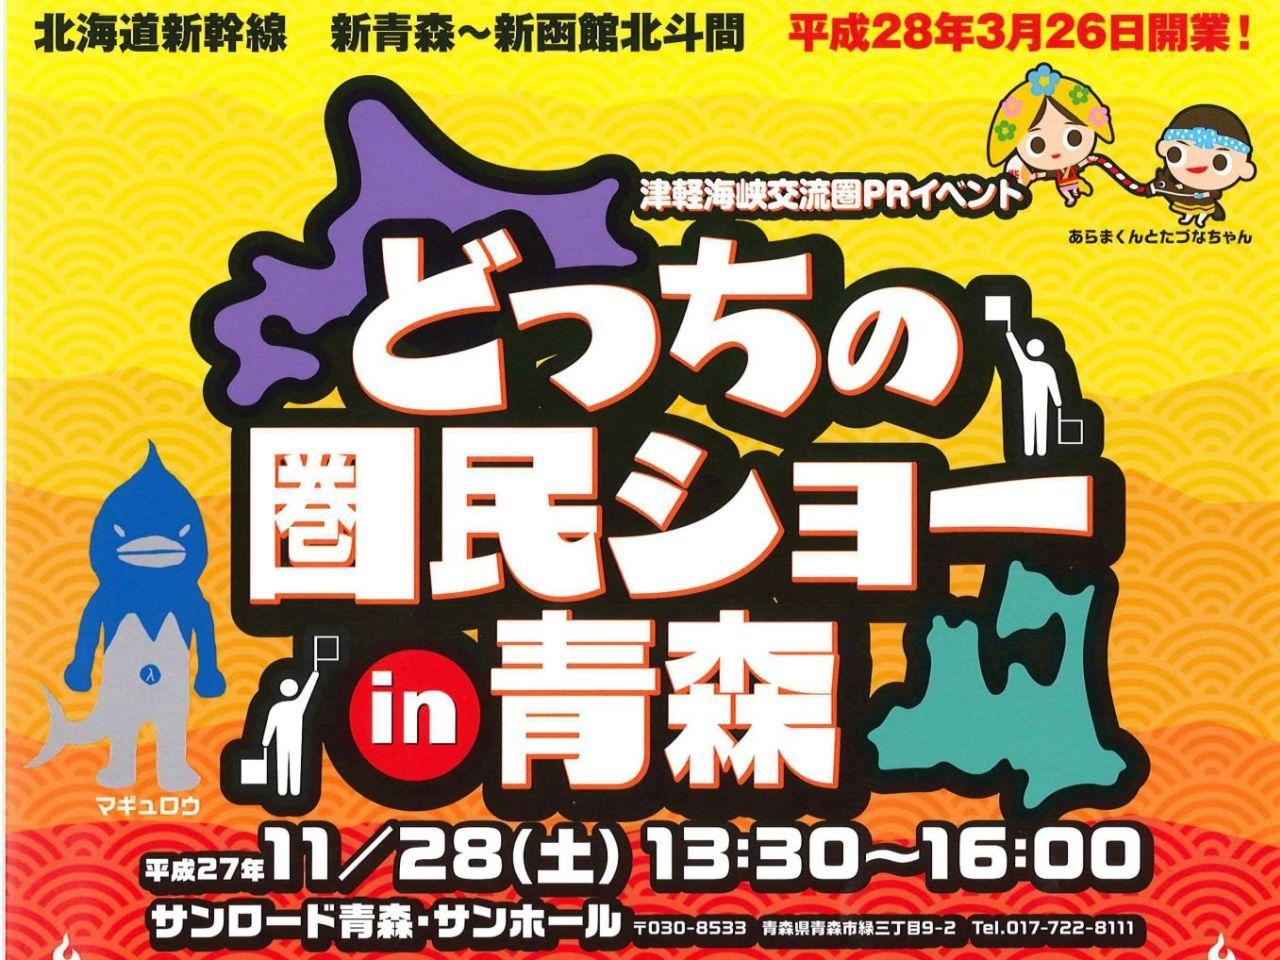 [イベント告知] 11/28 観光コンシェルジュが『どっちの圏民ショー in青森』に出演